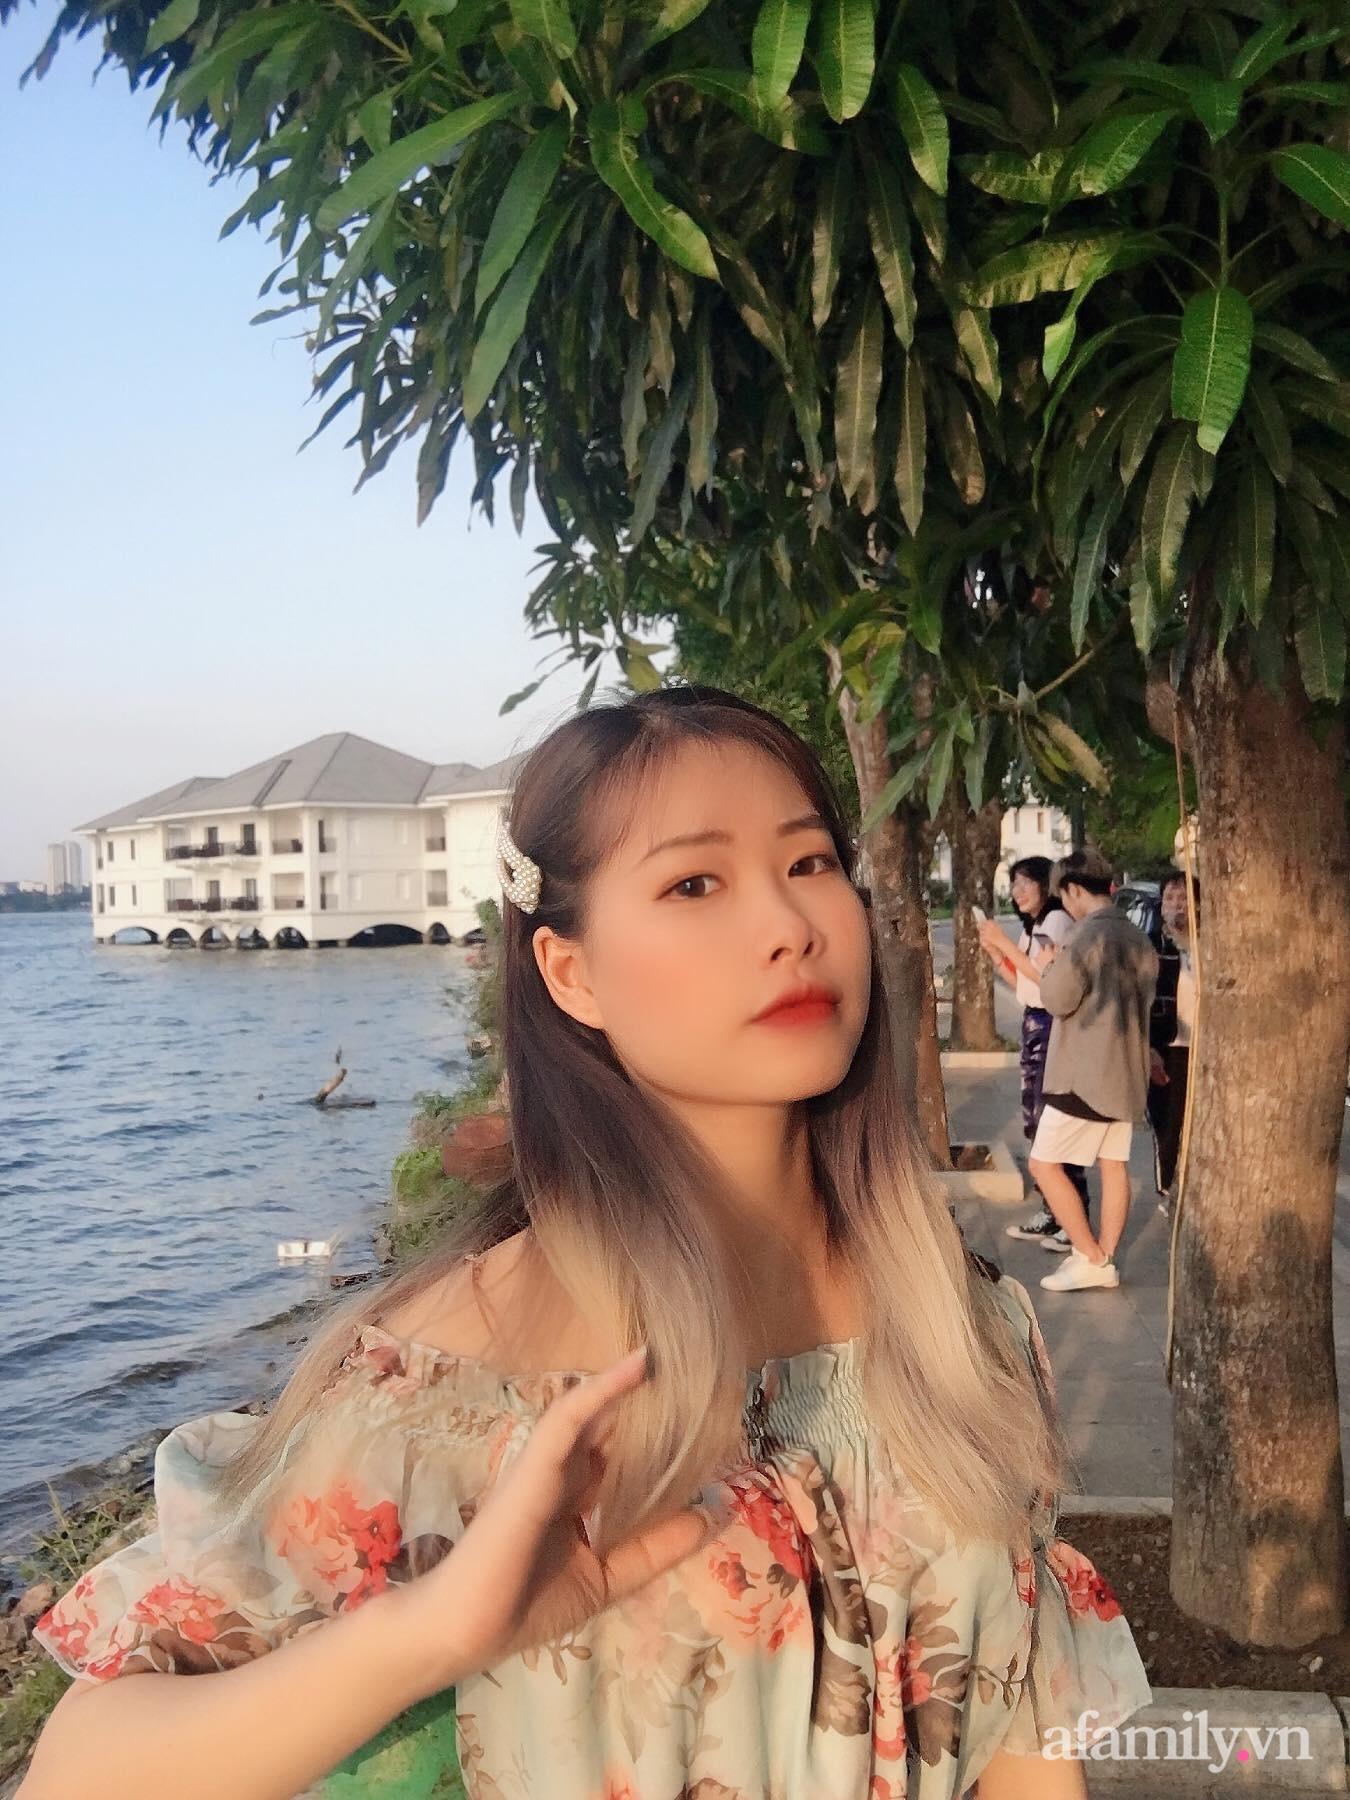 Nghía mâm cơm cô sinh viên Hà Nội nấu cho 4 người, chị em ôm được rổ thực đơn giá rẻ chưa tới 100K, áp dụng vào gia đình đảm bảo giảm hẳn chi phí chi tiêu mỗi tháng